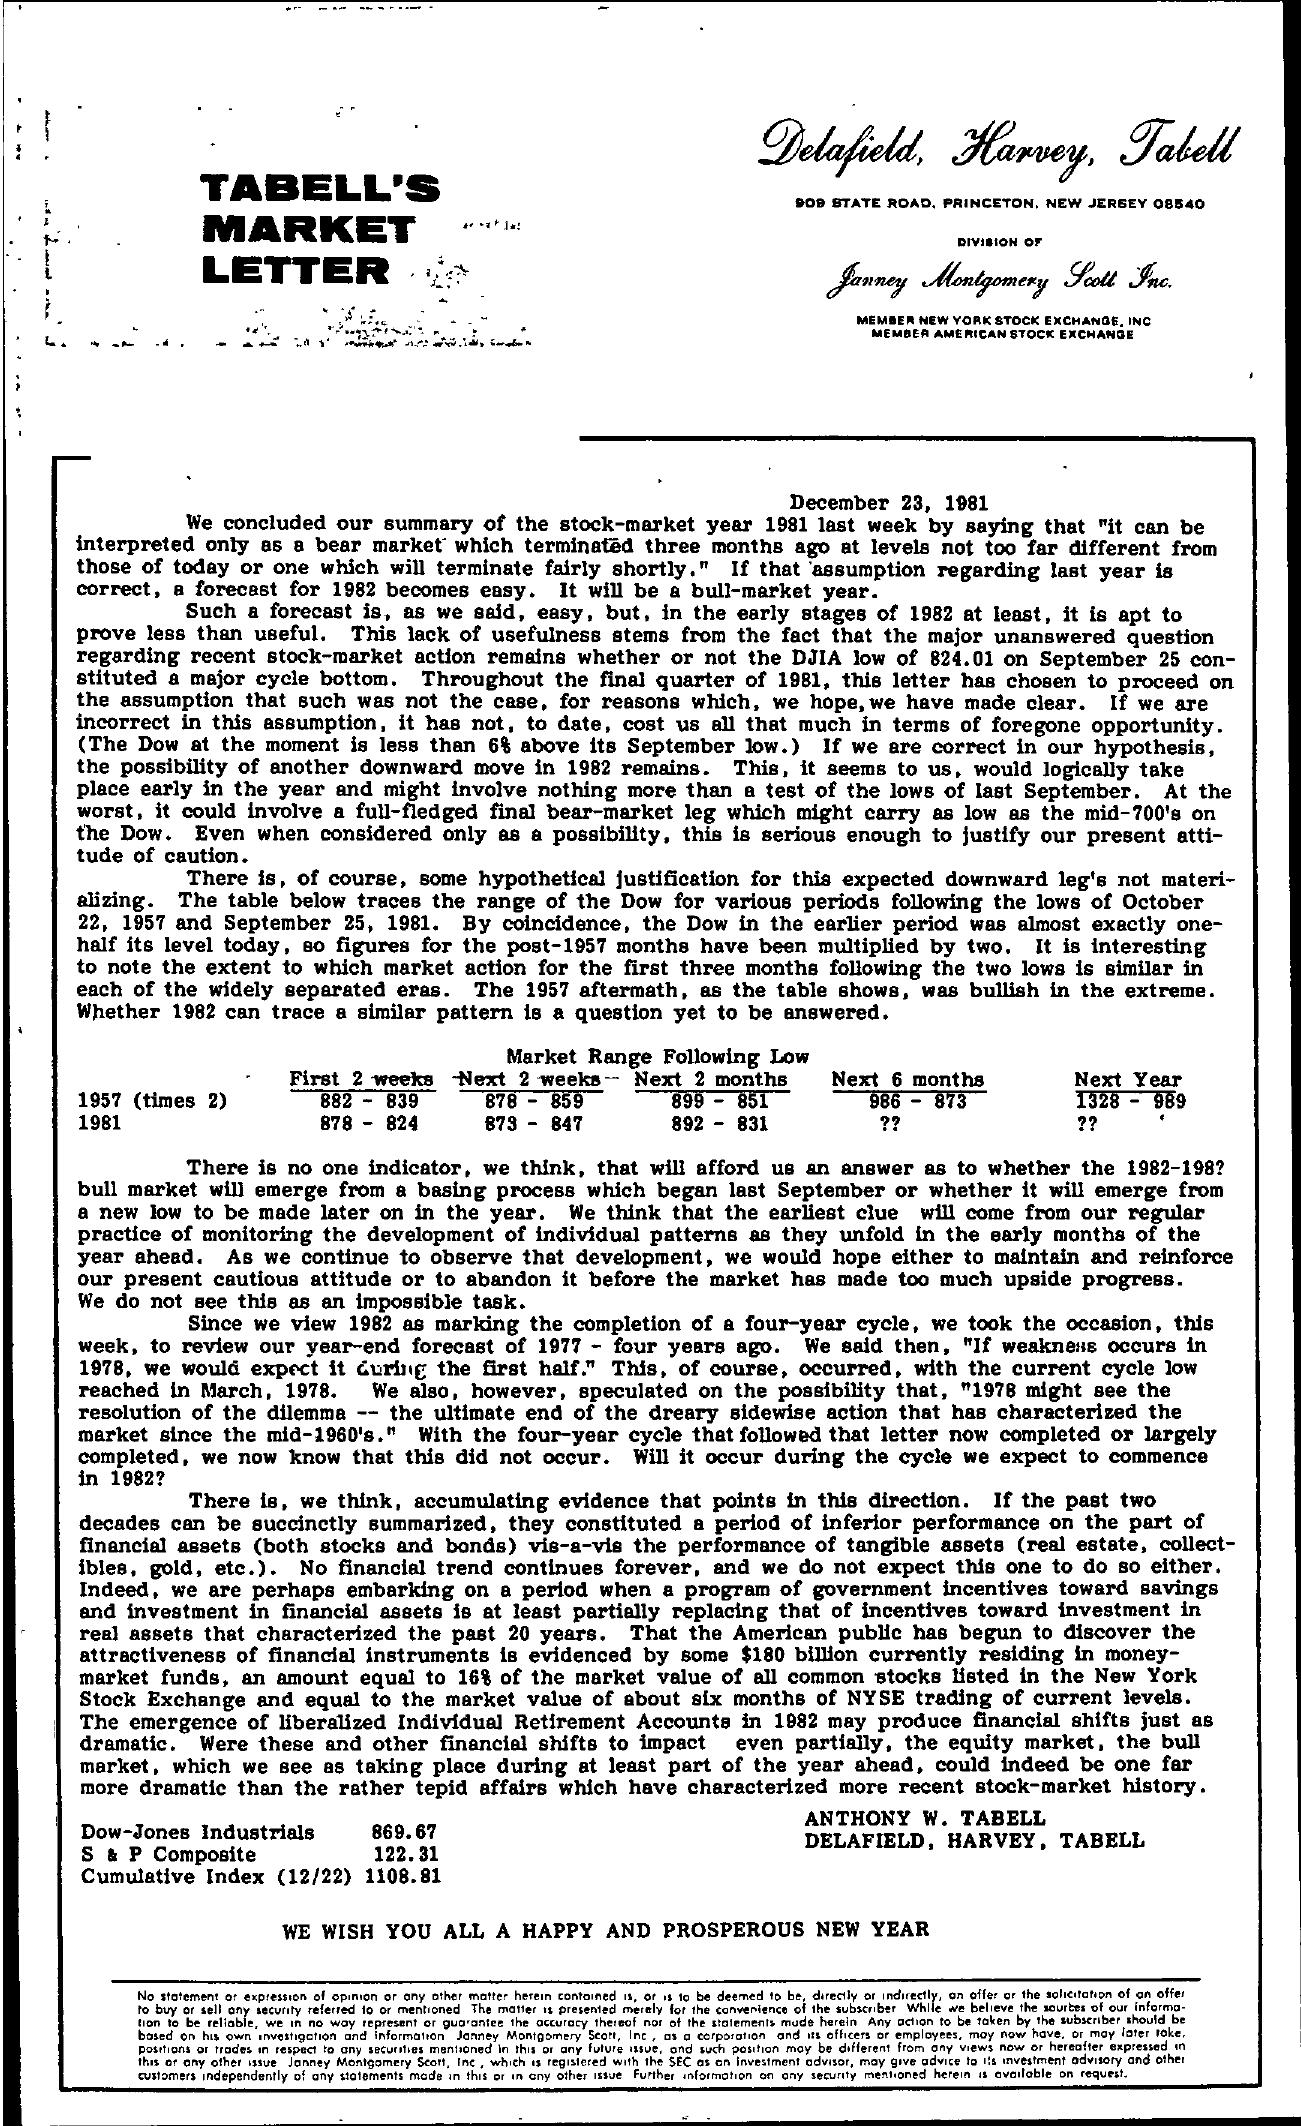 Tabell's Market Letter - December 23, 1981